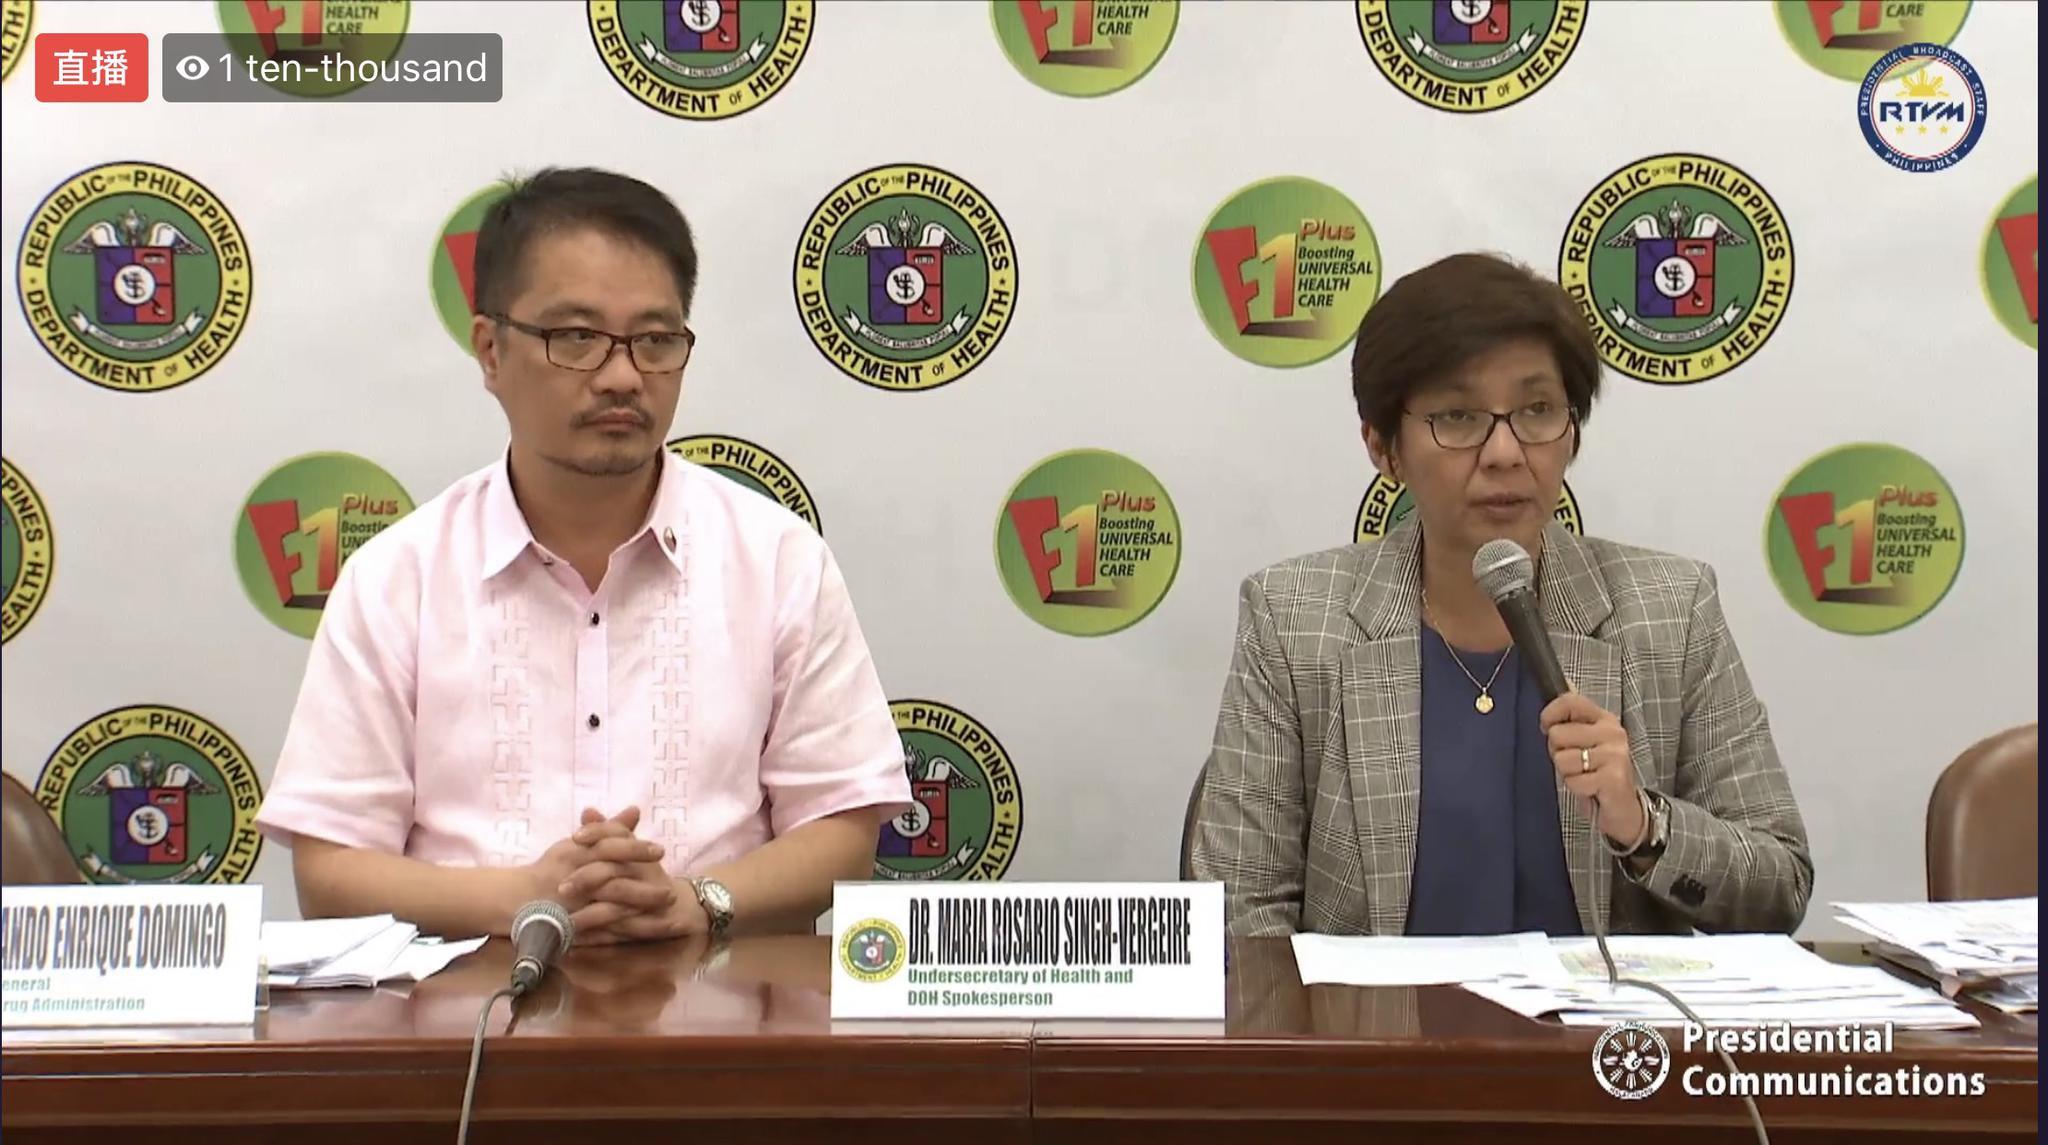 △图为菲律宾新闻部直播的菲律宾卫生部记者会的直播截图